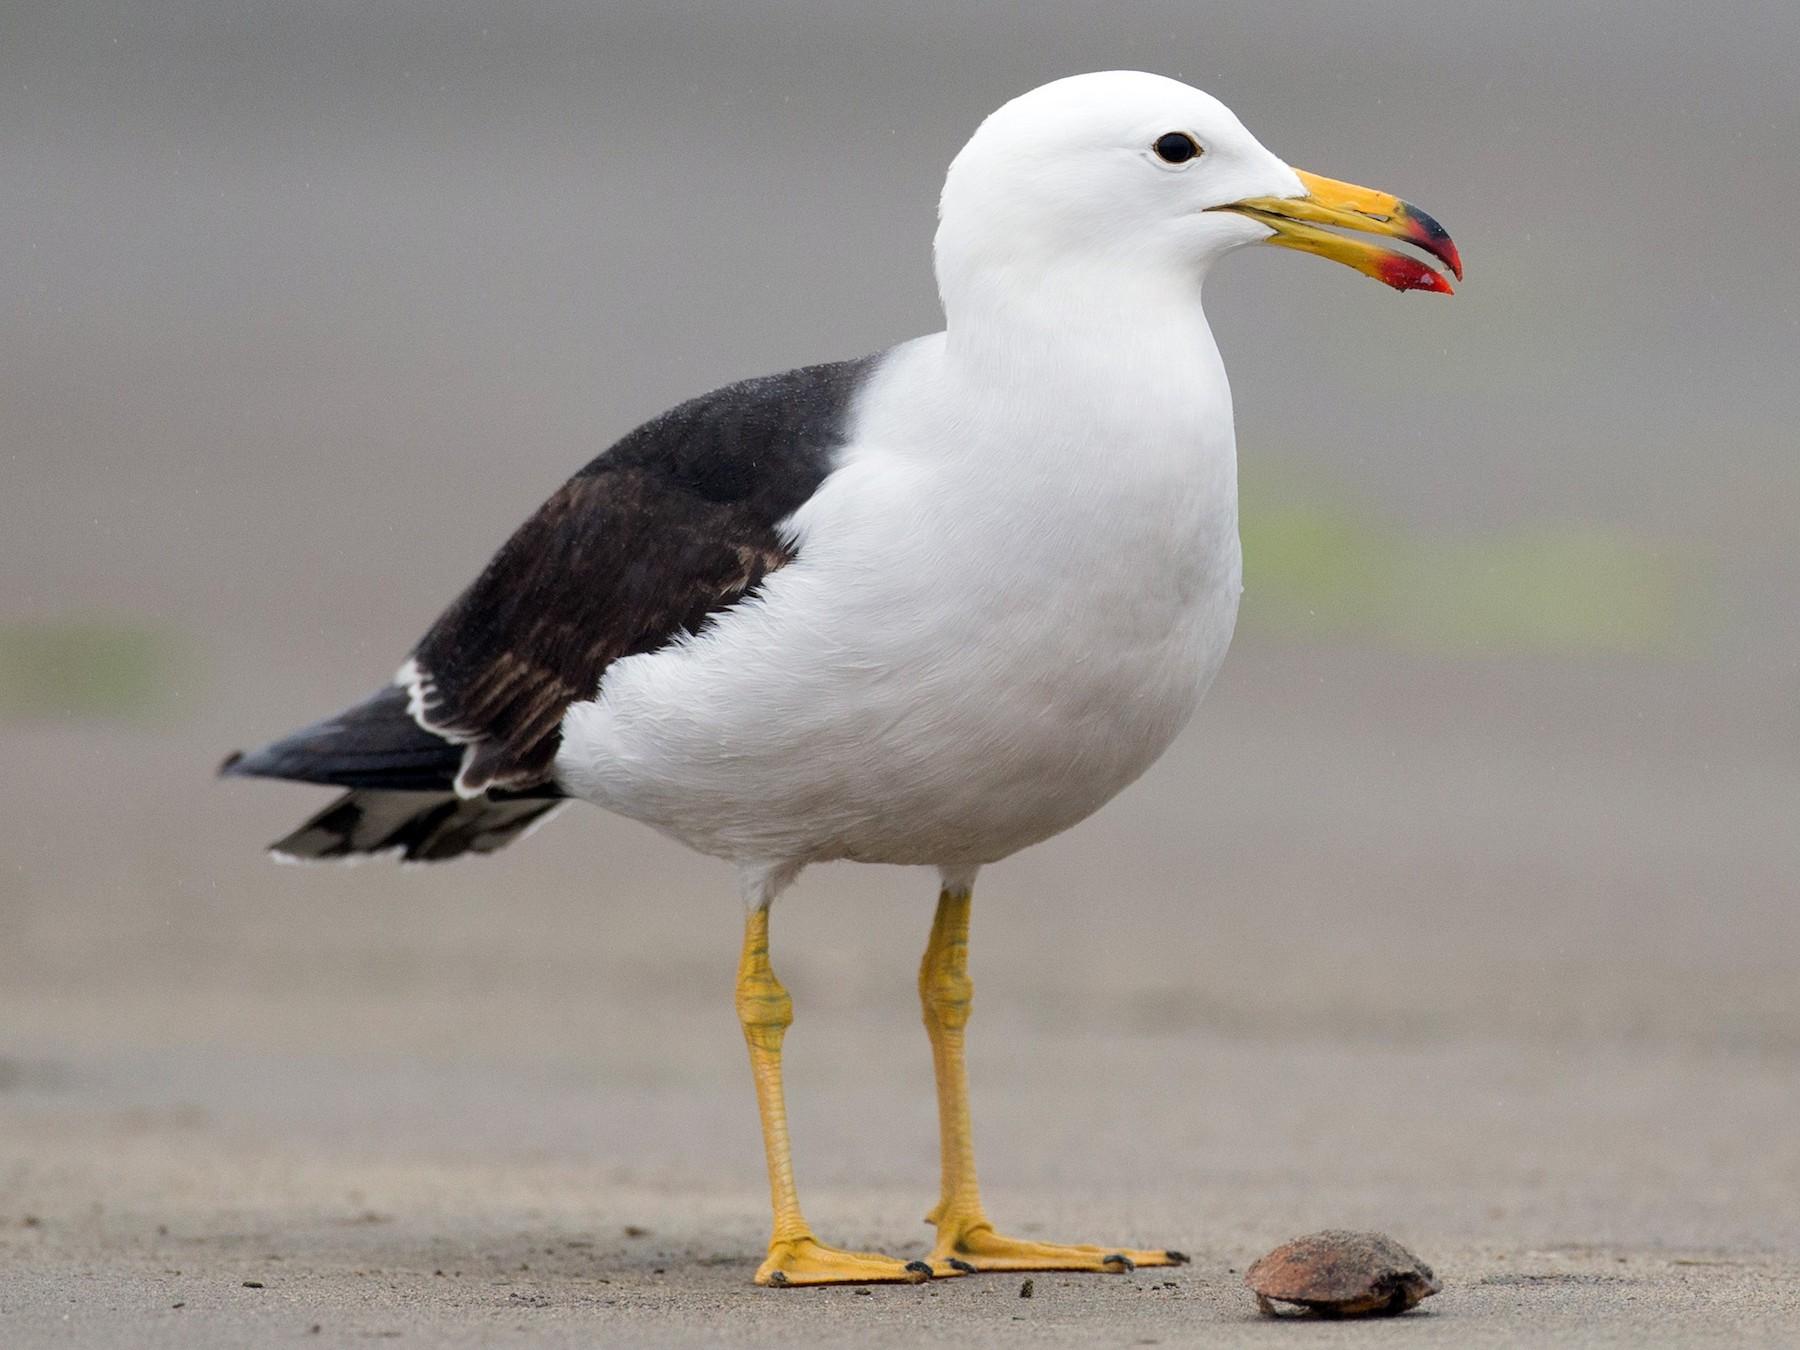 Belcher's Gull - eBird